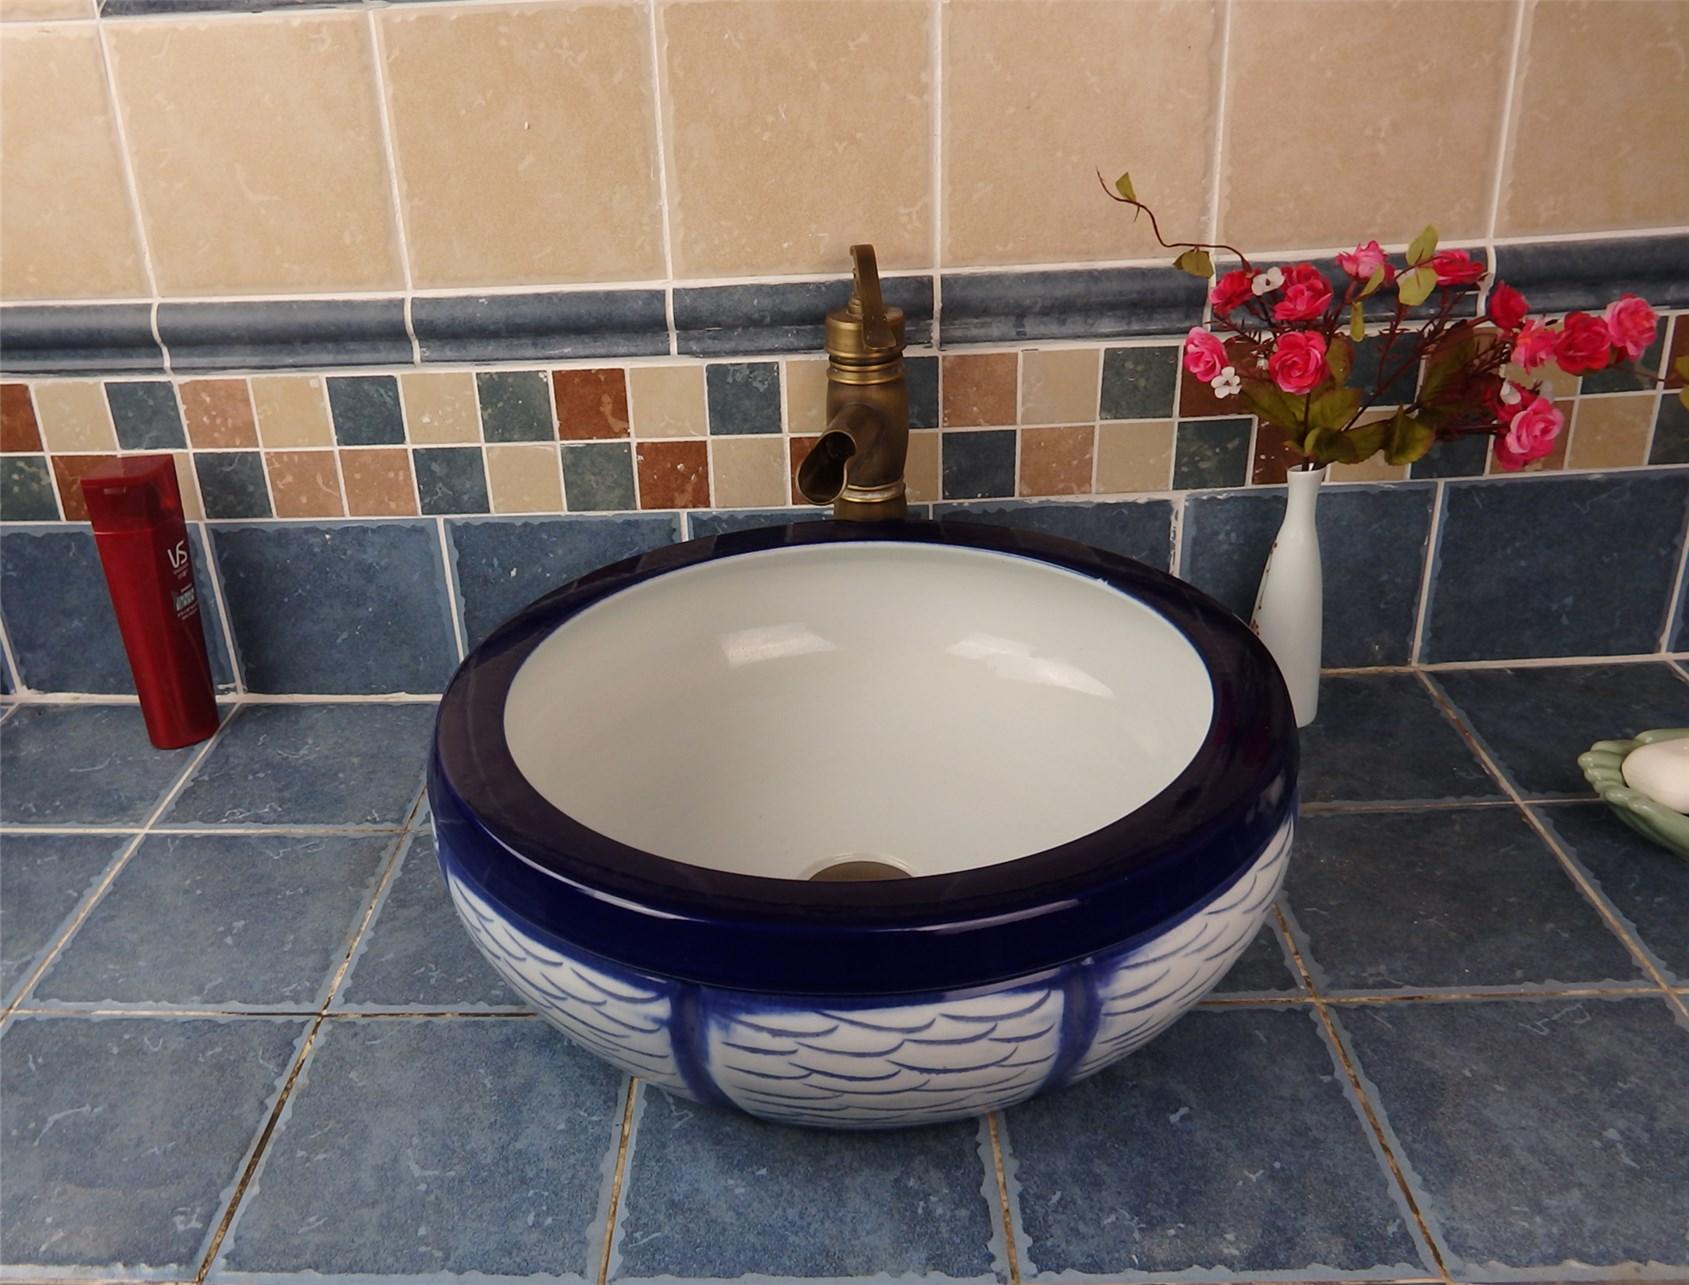 China sanitary ware factory glazed surface porcelain wash basin